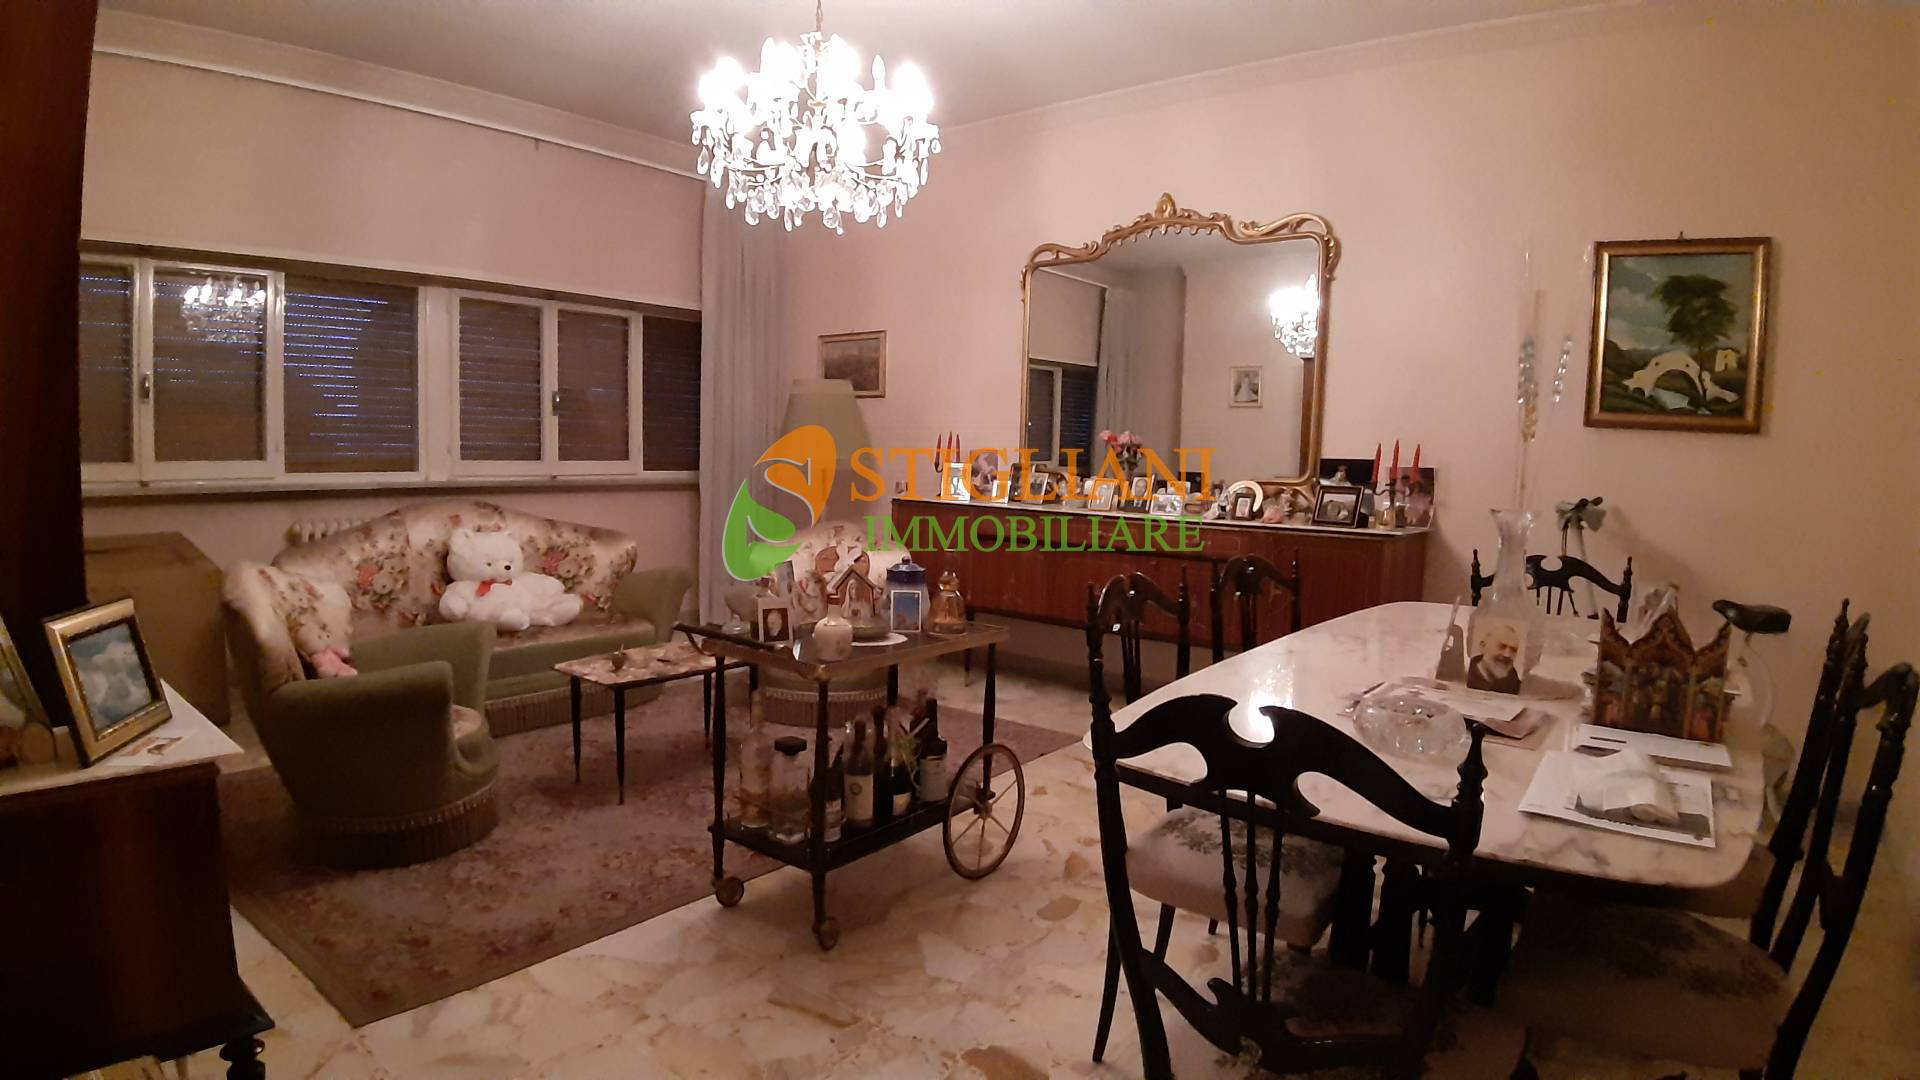 Appartamento in affitto a Campobasso, 5 locali, zona Zona: Semicentro, prezzo € 430   CambioCasa.it